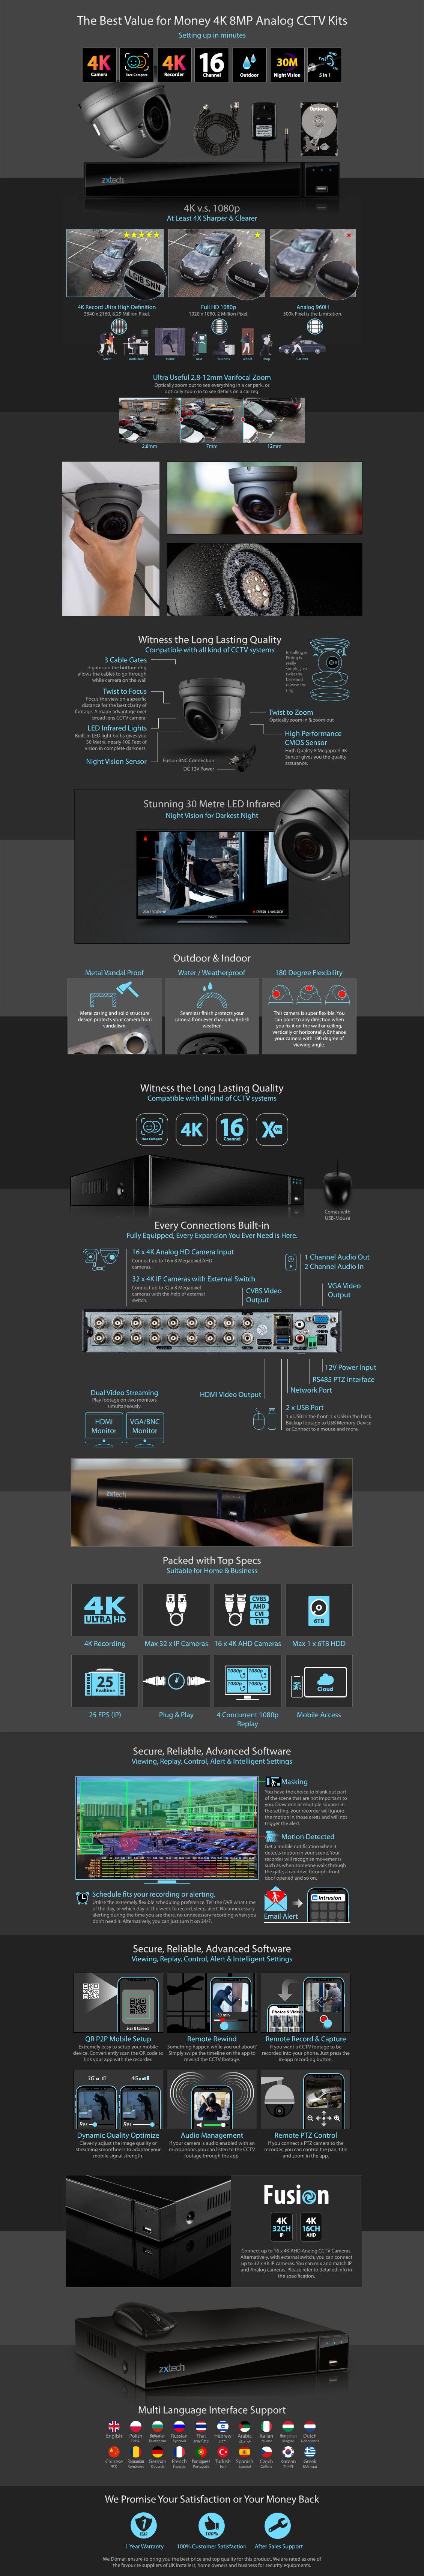 Zxtech 5x 8MP 4K-Lite UHD 30M Night Vision 2.8-12mm Varifocal Dome Cameras 16CH DVR CCTV Kit | AX5E16X